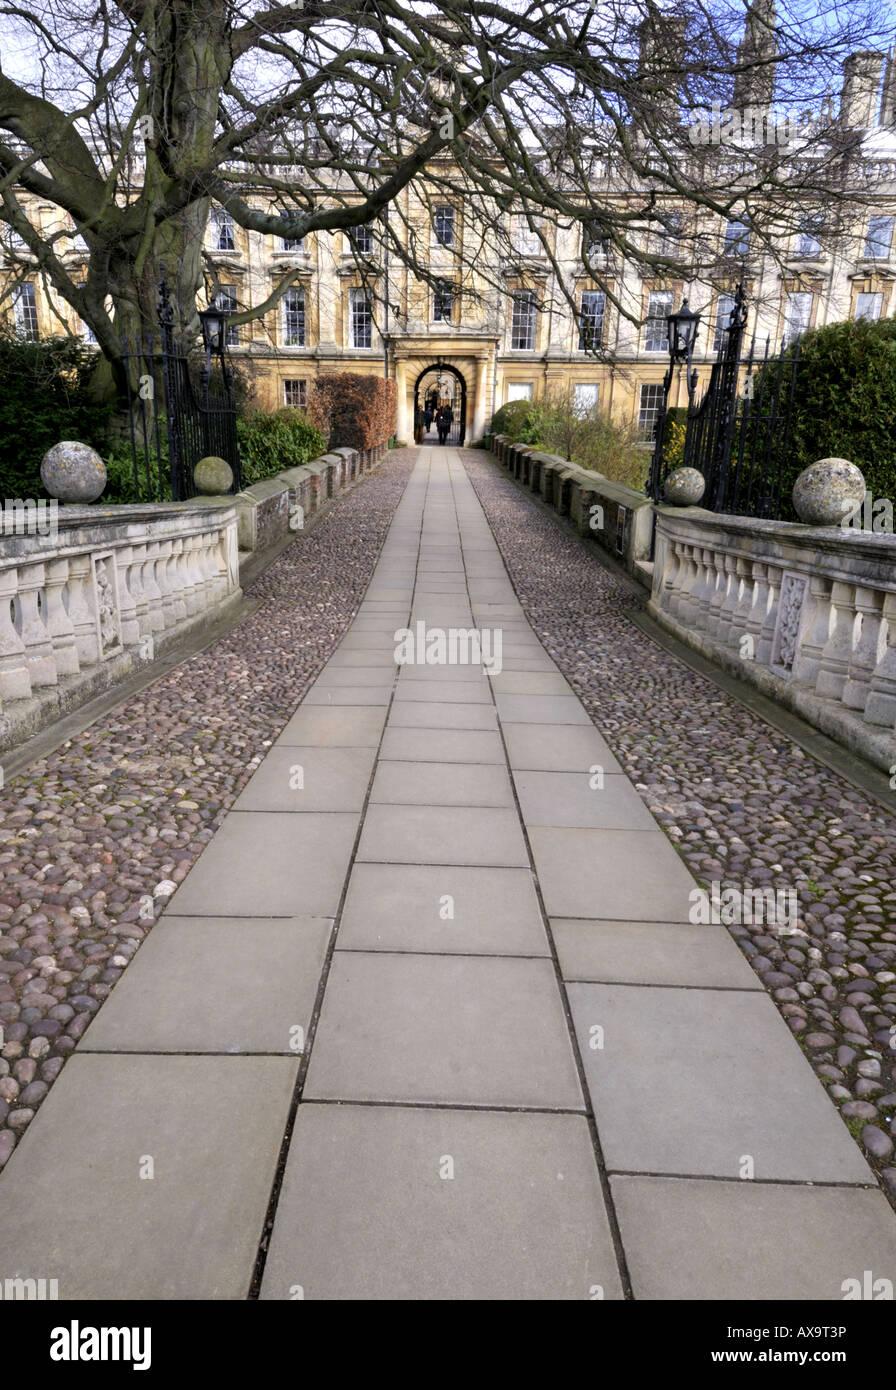 Clare college Cambridge UK - Stock Image